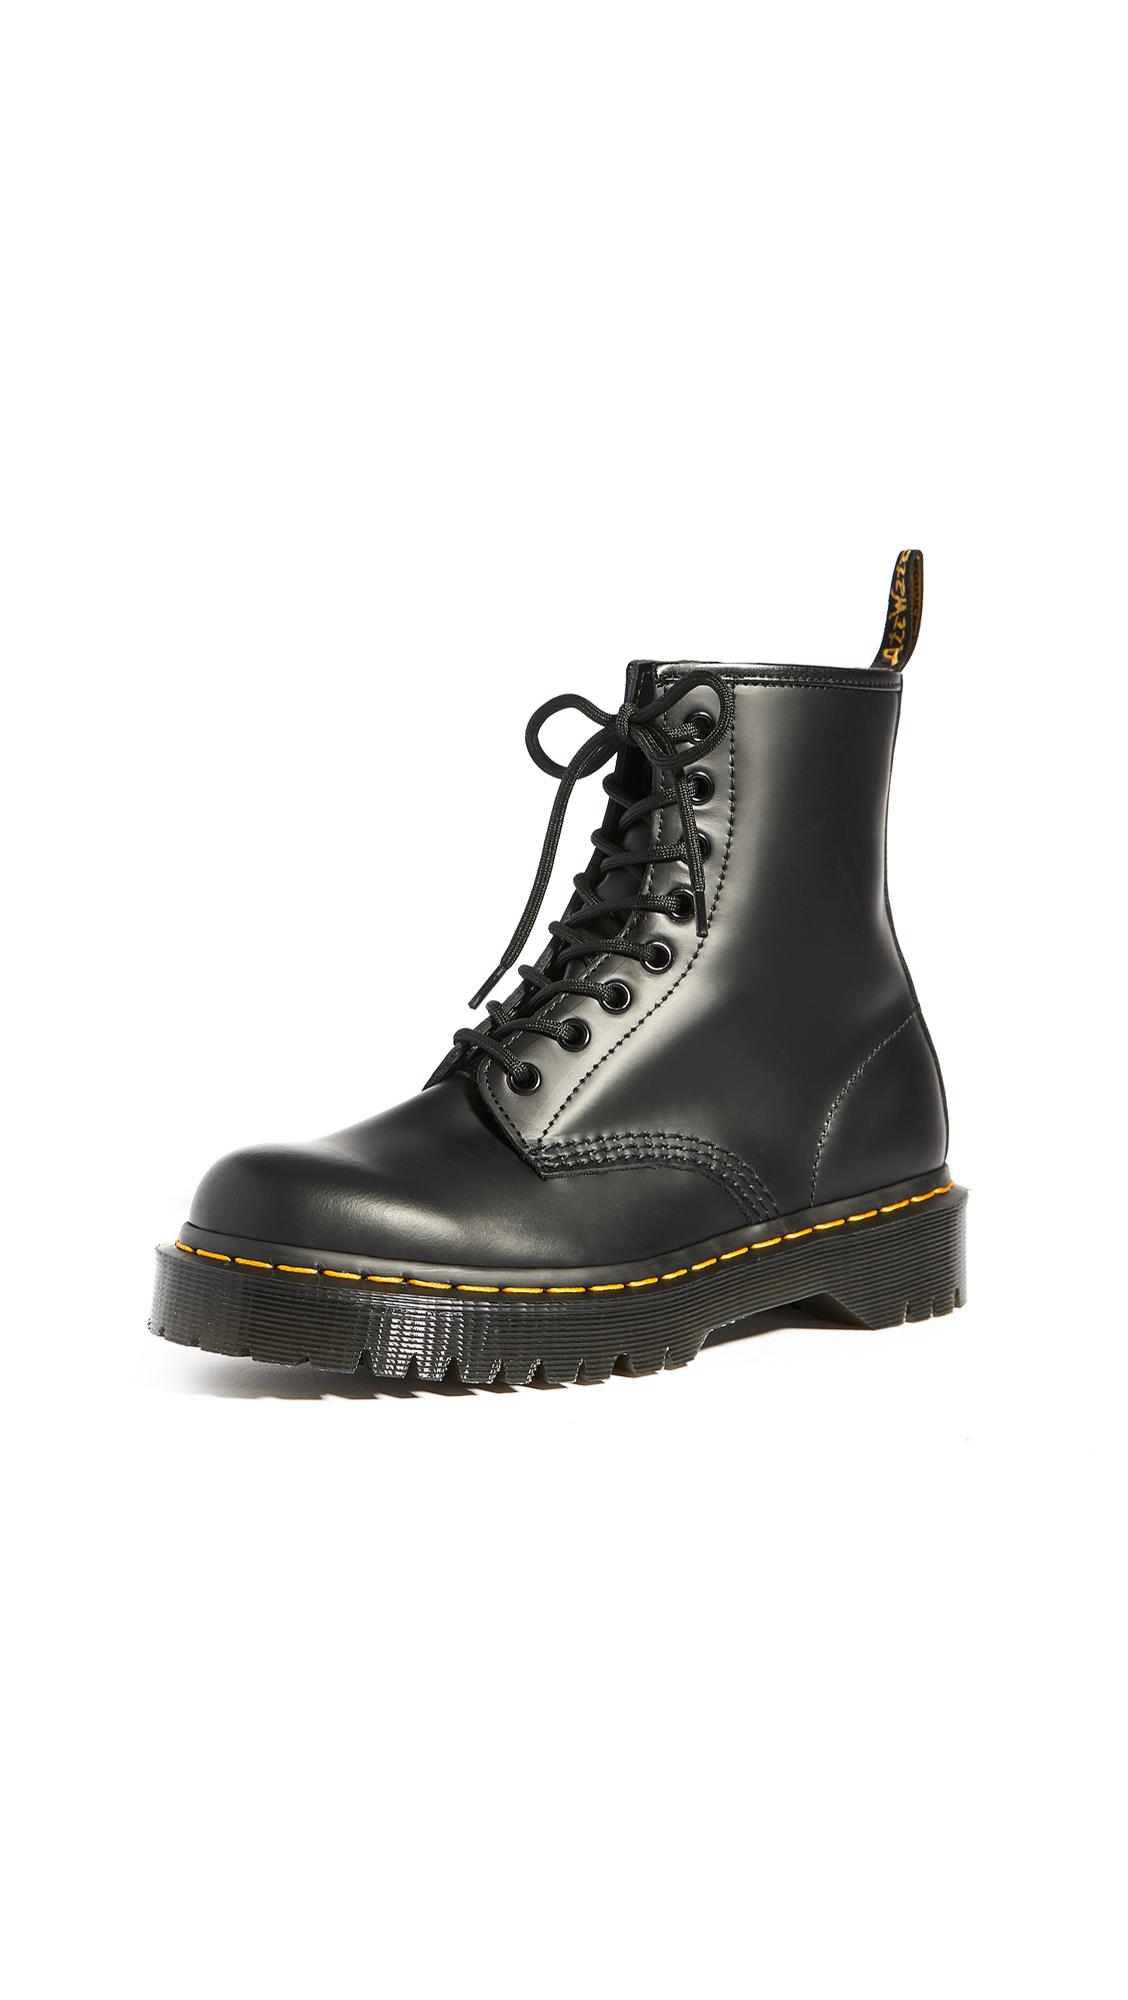 Buy Dr. Martens 1460 Bex Boots online, shop Dr. Martens